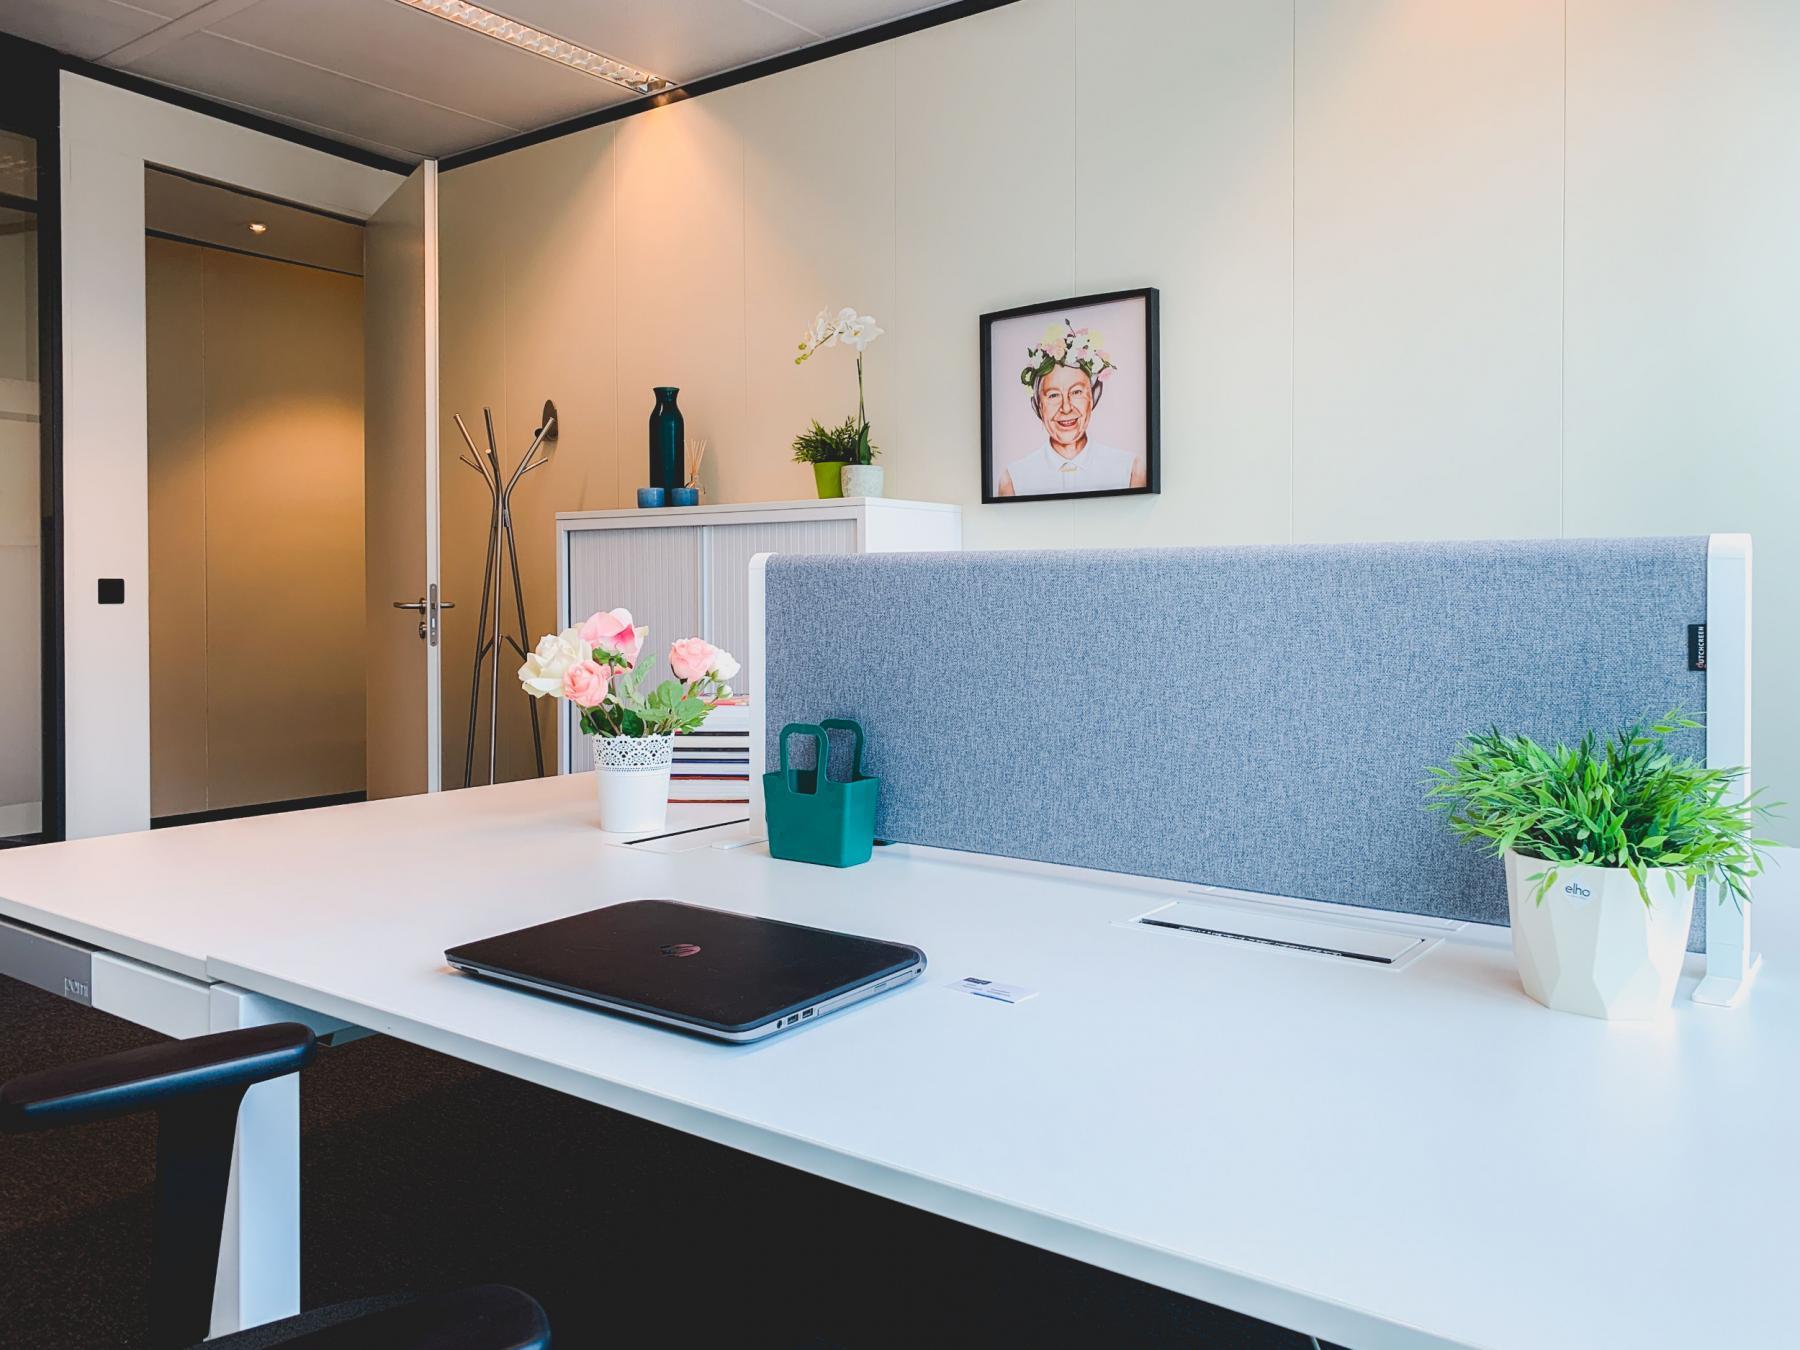 kantoor huren kantoorkamer brussel airport